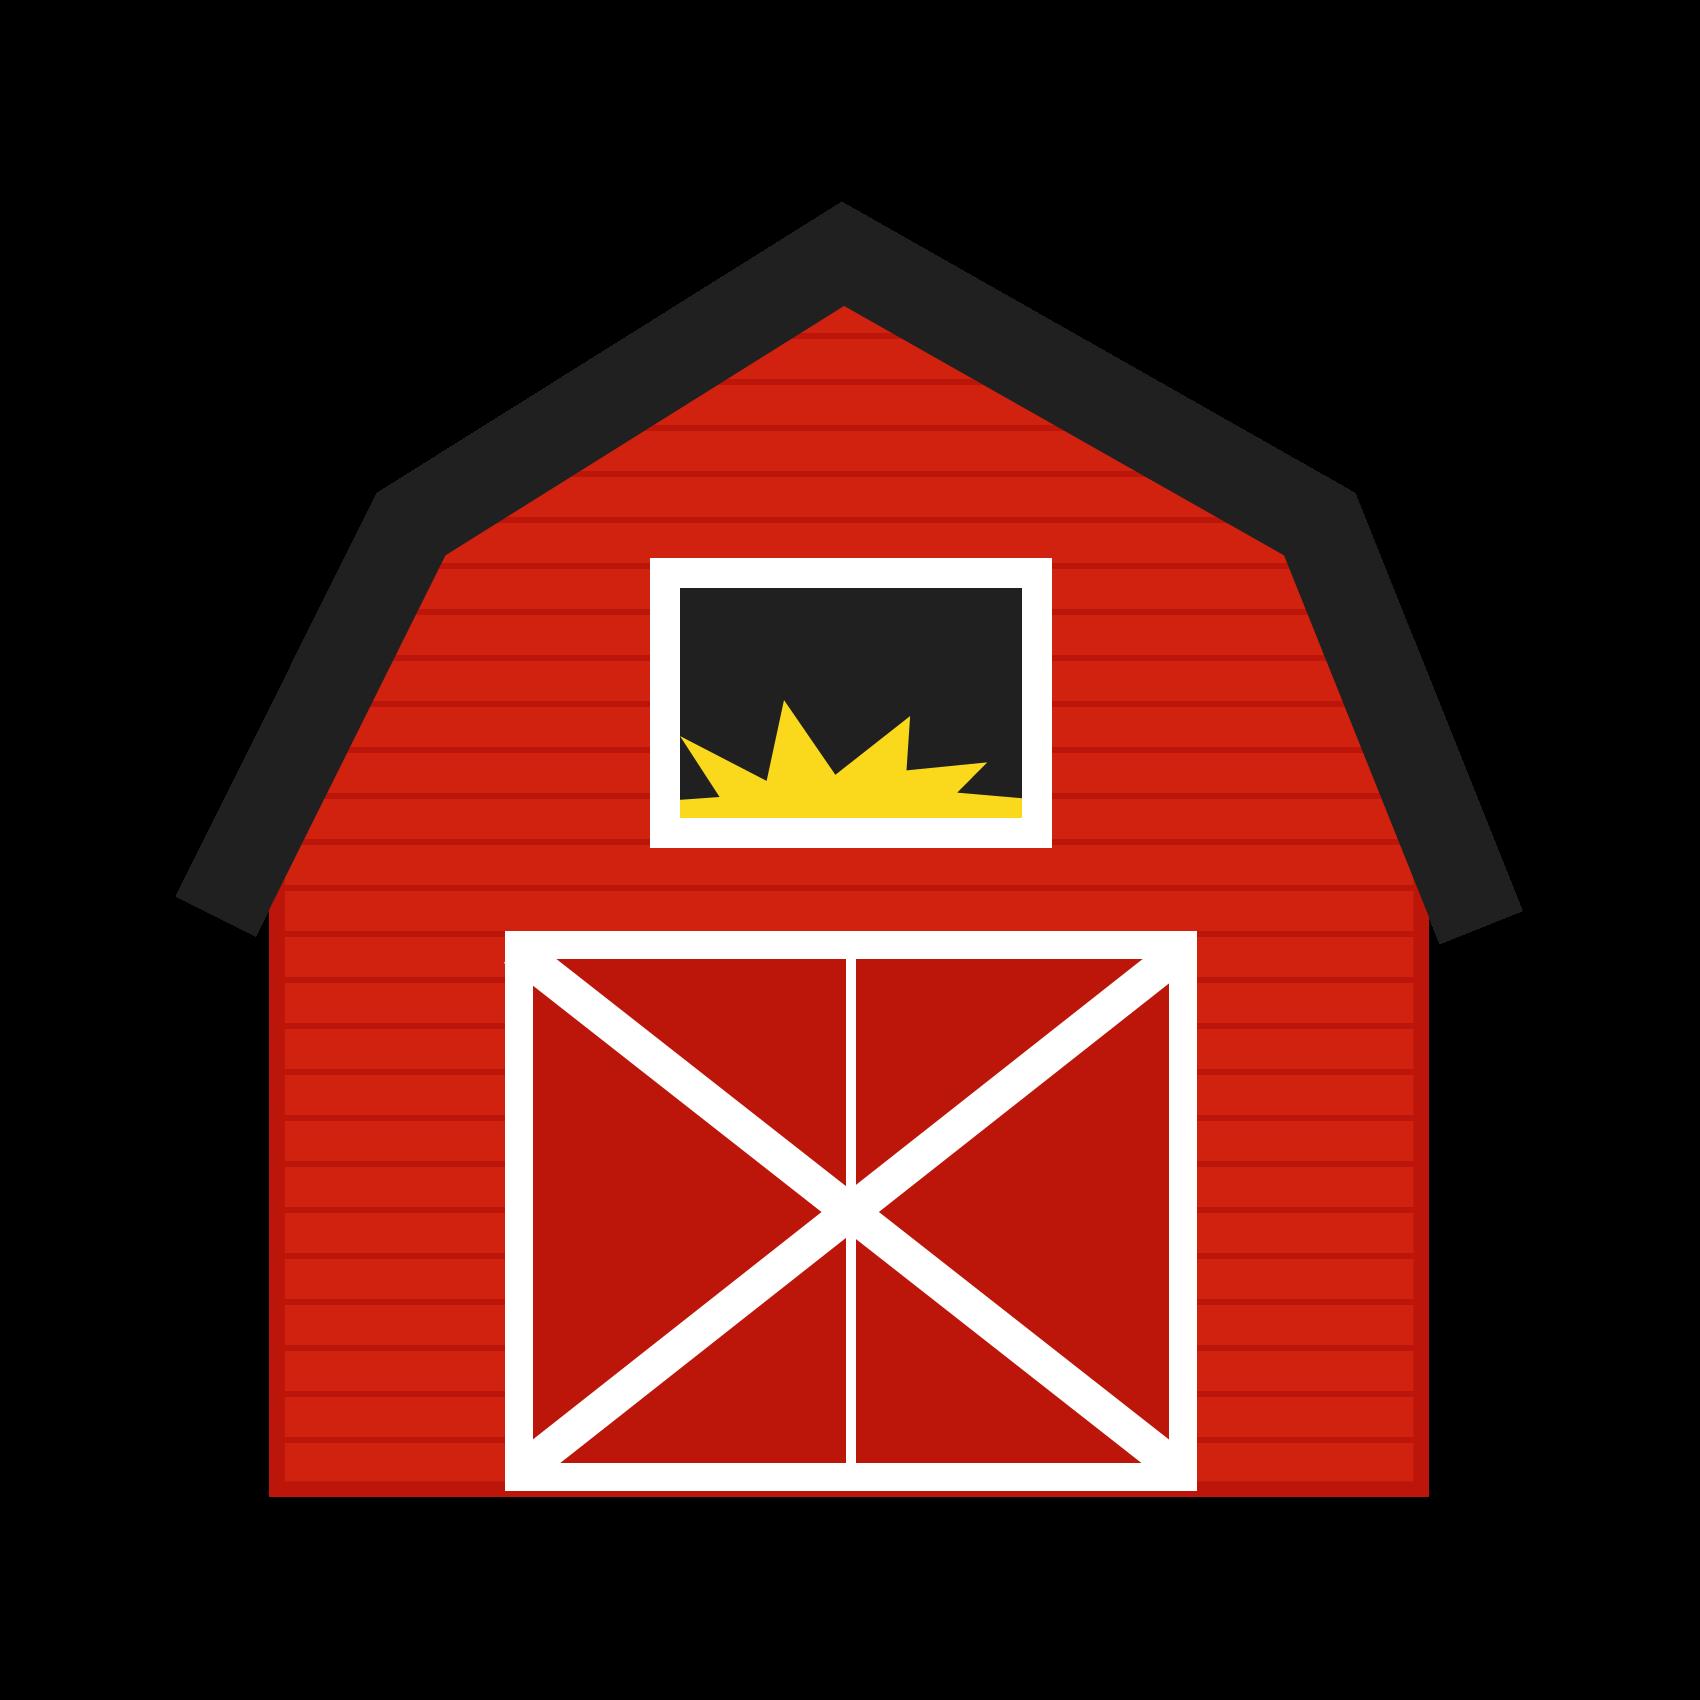 1700x1700 Unique Red Barn Coloring Page Farm Clip Art Ha